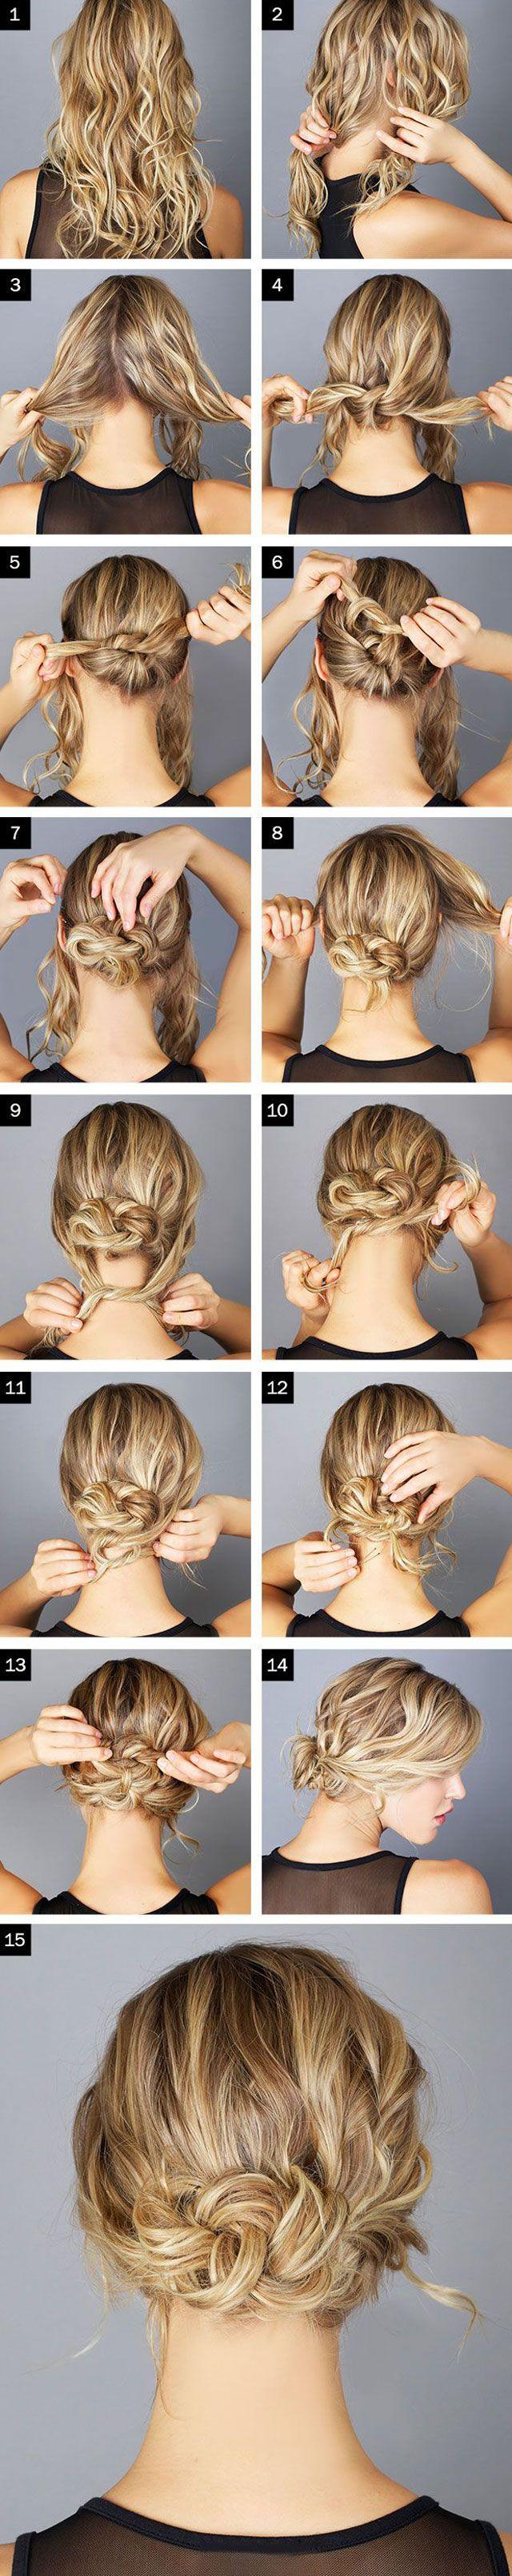 coiffure 15 tutoriels pour un chignon facile hair. Black Bedroom Furniture Sets. Home Design Ideas